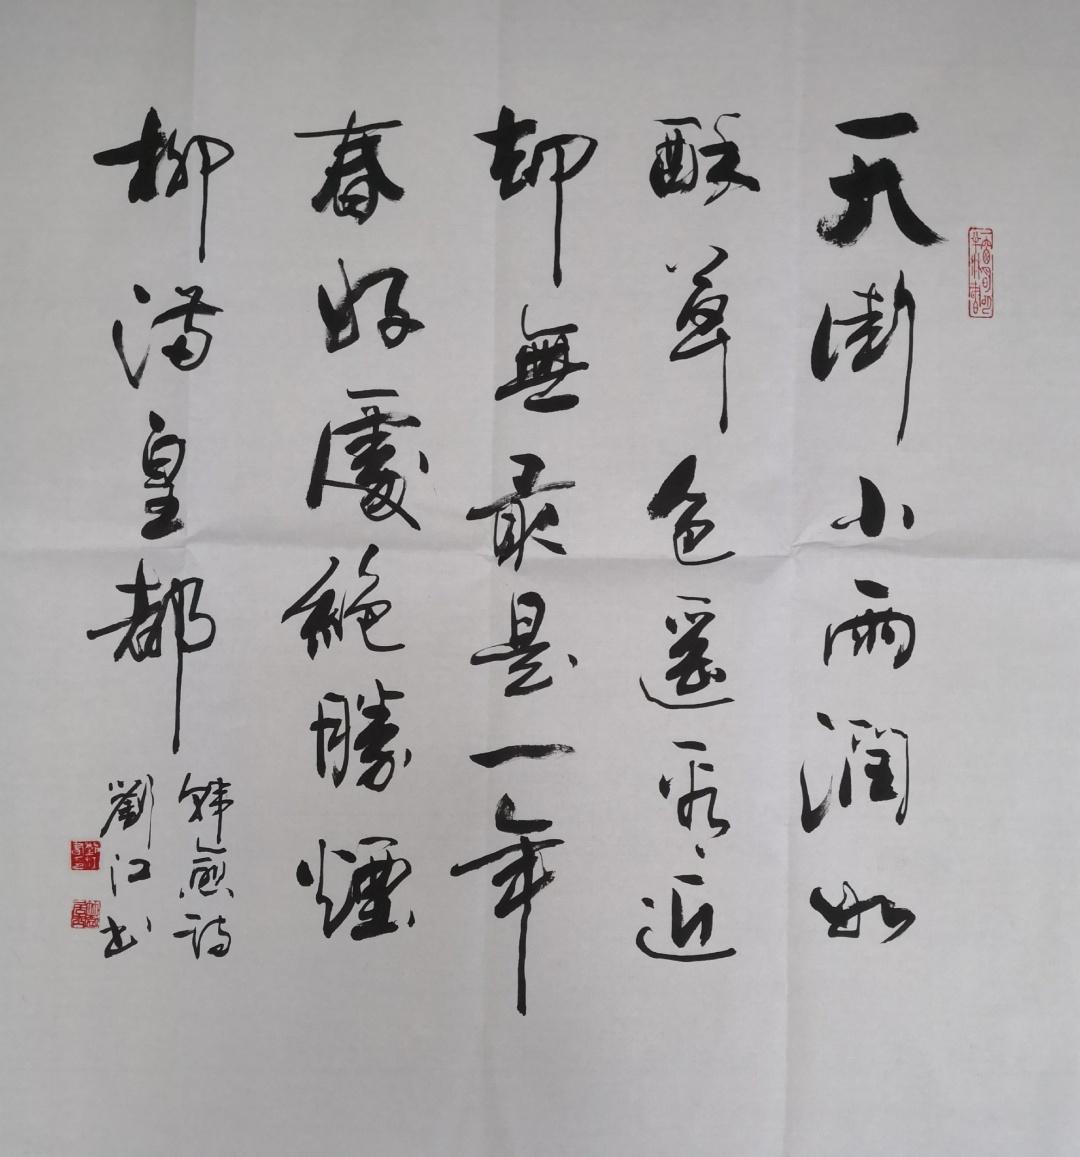 真跡名家劉江作品推薦:書風儒雅,靈動秀美